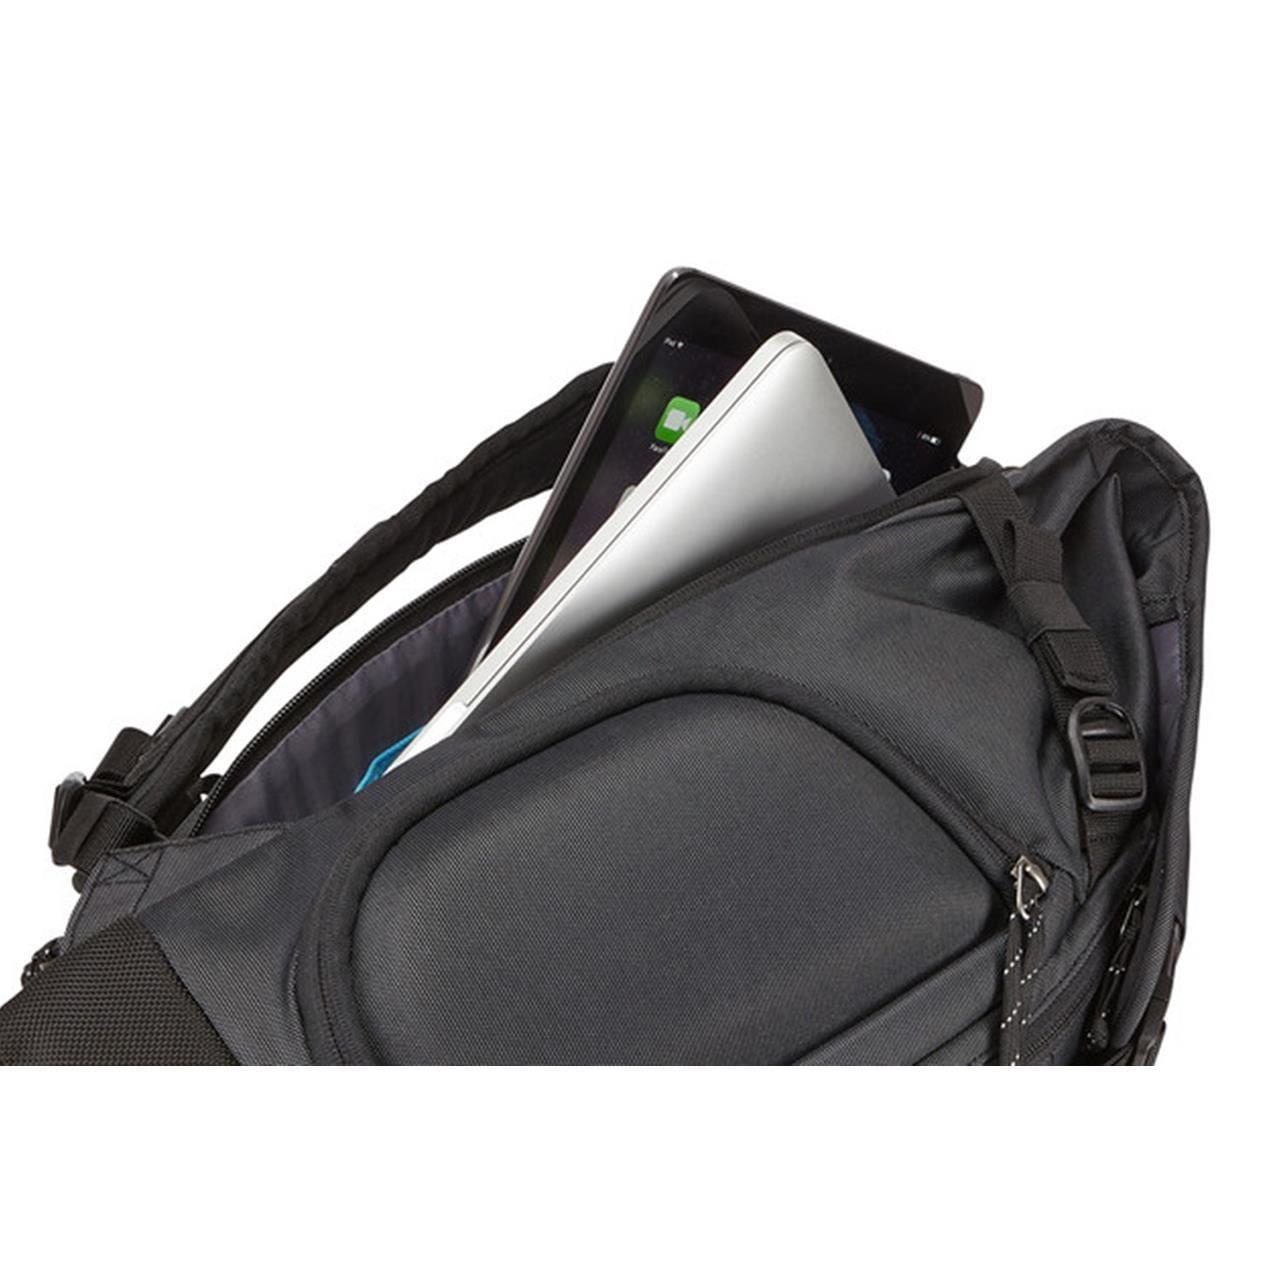 Rucsac urban cu compartiment laptop Thule Subterra Daypack pentru 15 MacBook Pro Dark Grey 9